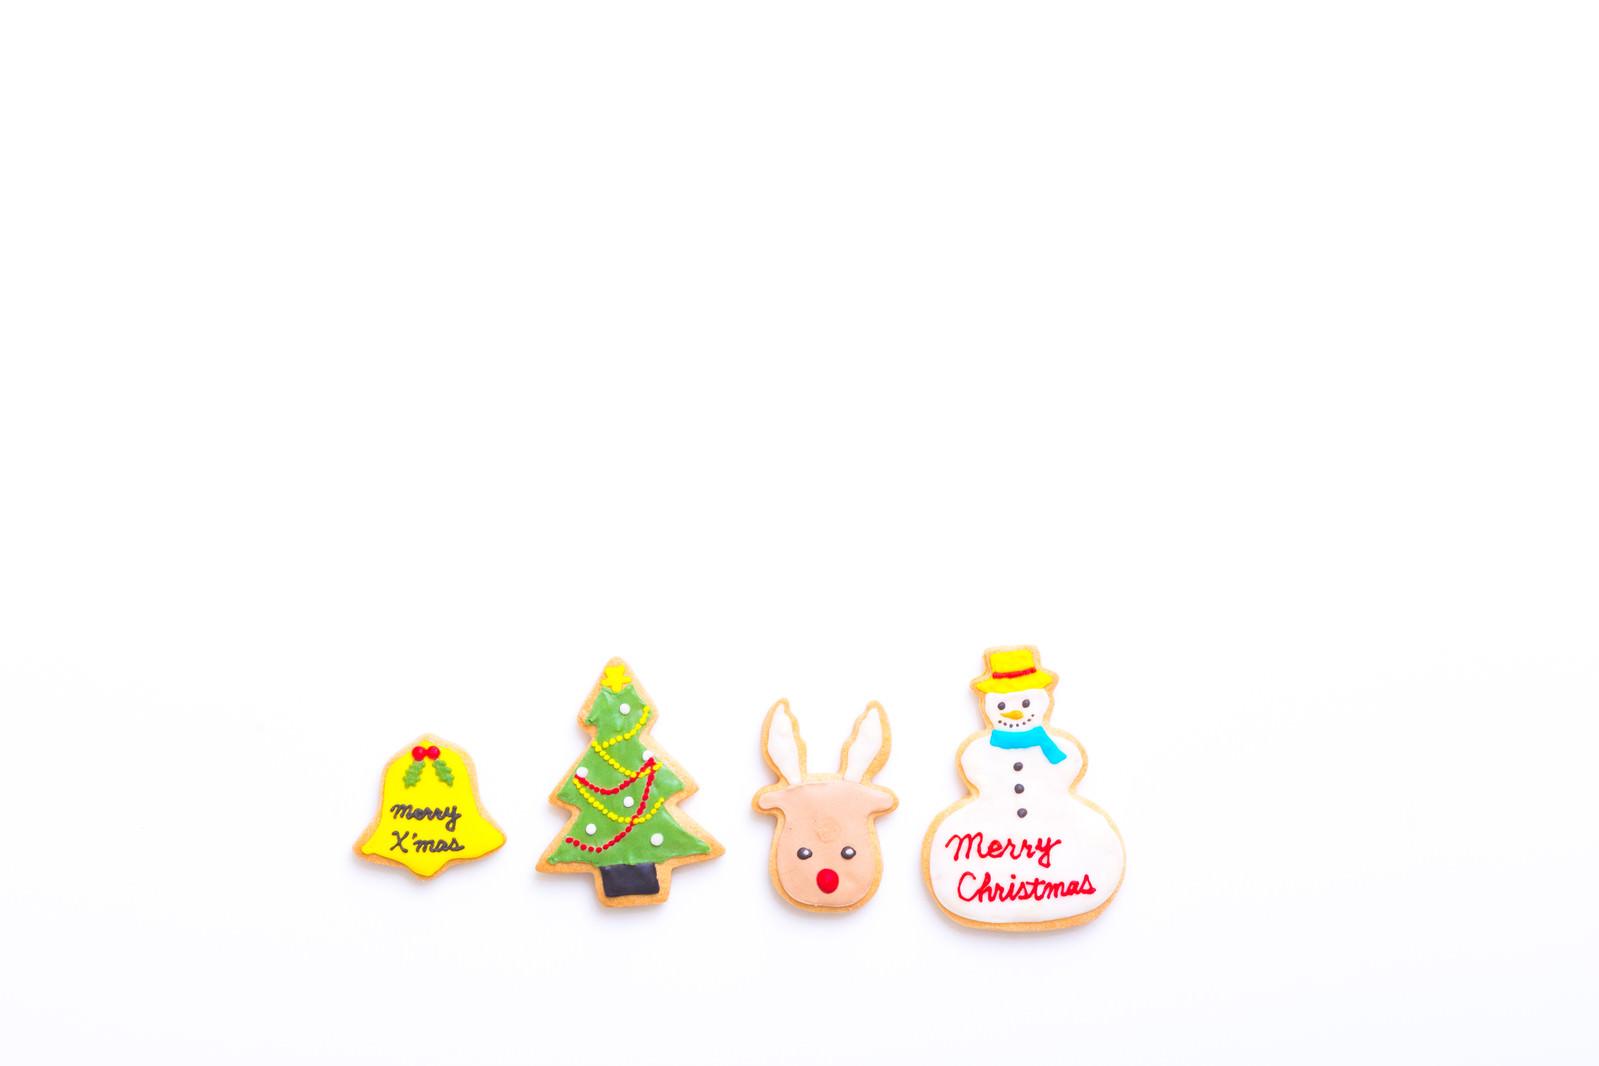 「クリスマス用の焼き菓子(アイシングクッキー)クリスマス用の焼き菓子(アイシングクッキー)」のフリー写真素材を拡大